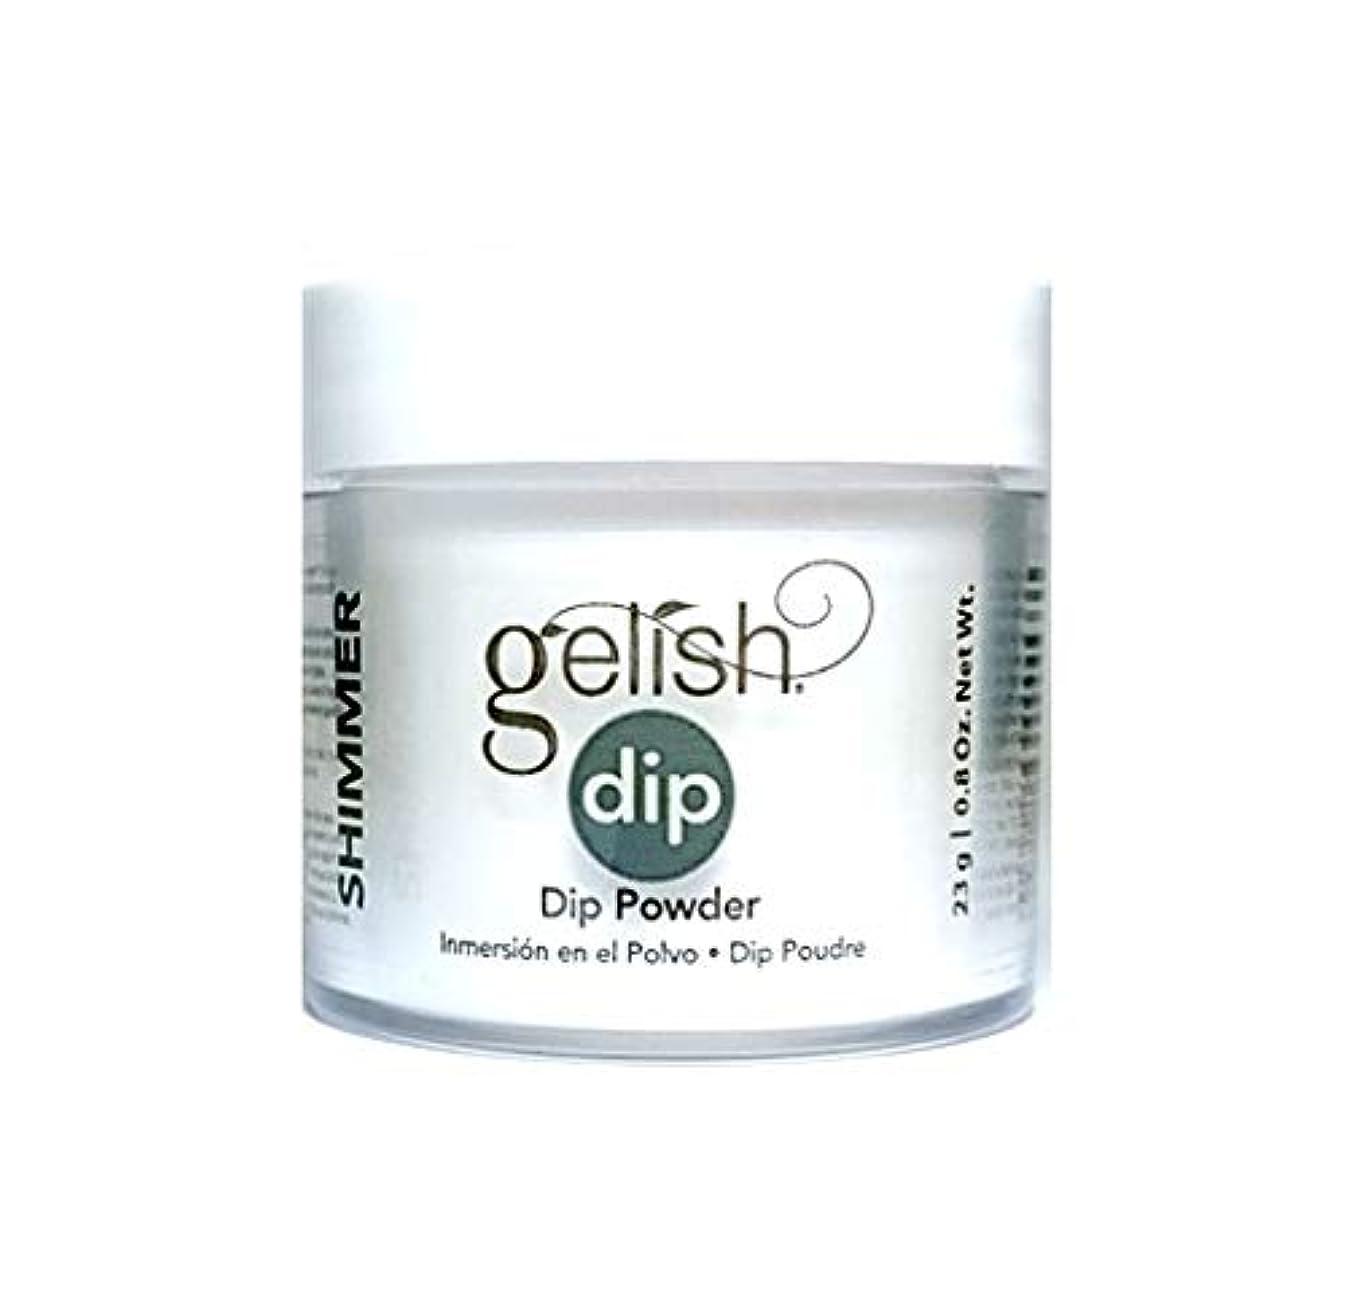 情報石交換可能Harmony Gelish - Dip Powder - Izzy Wizzy, Let's Get Busy - 23g / 0.8oz